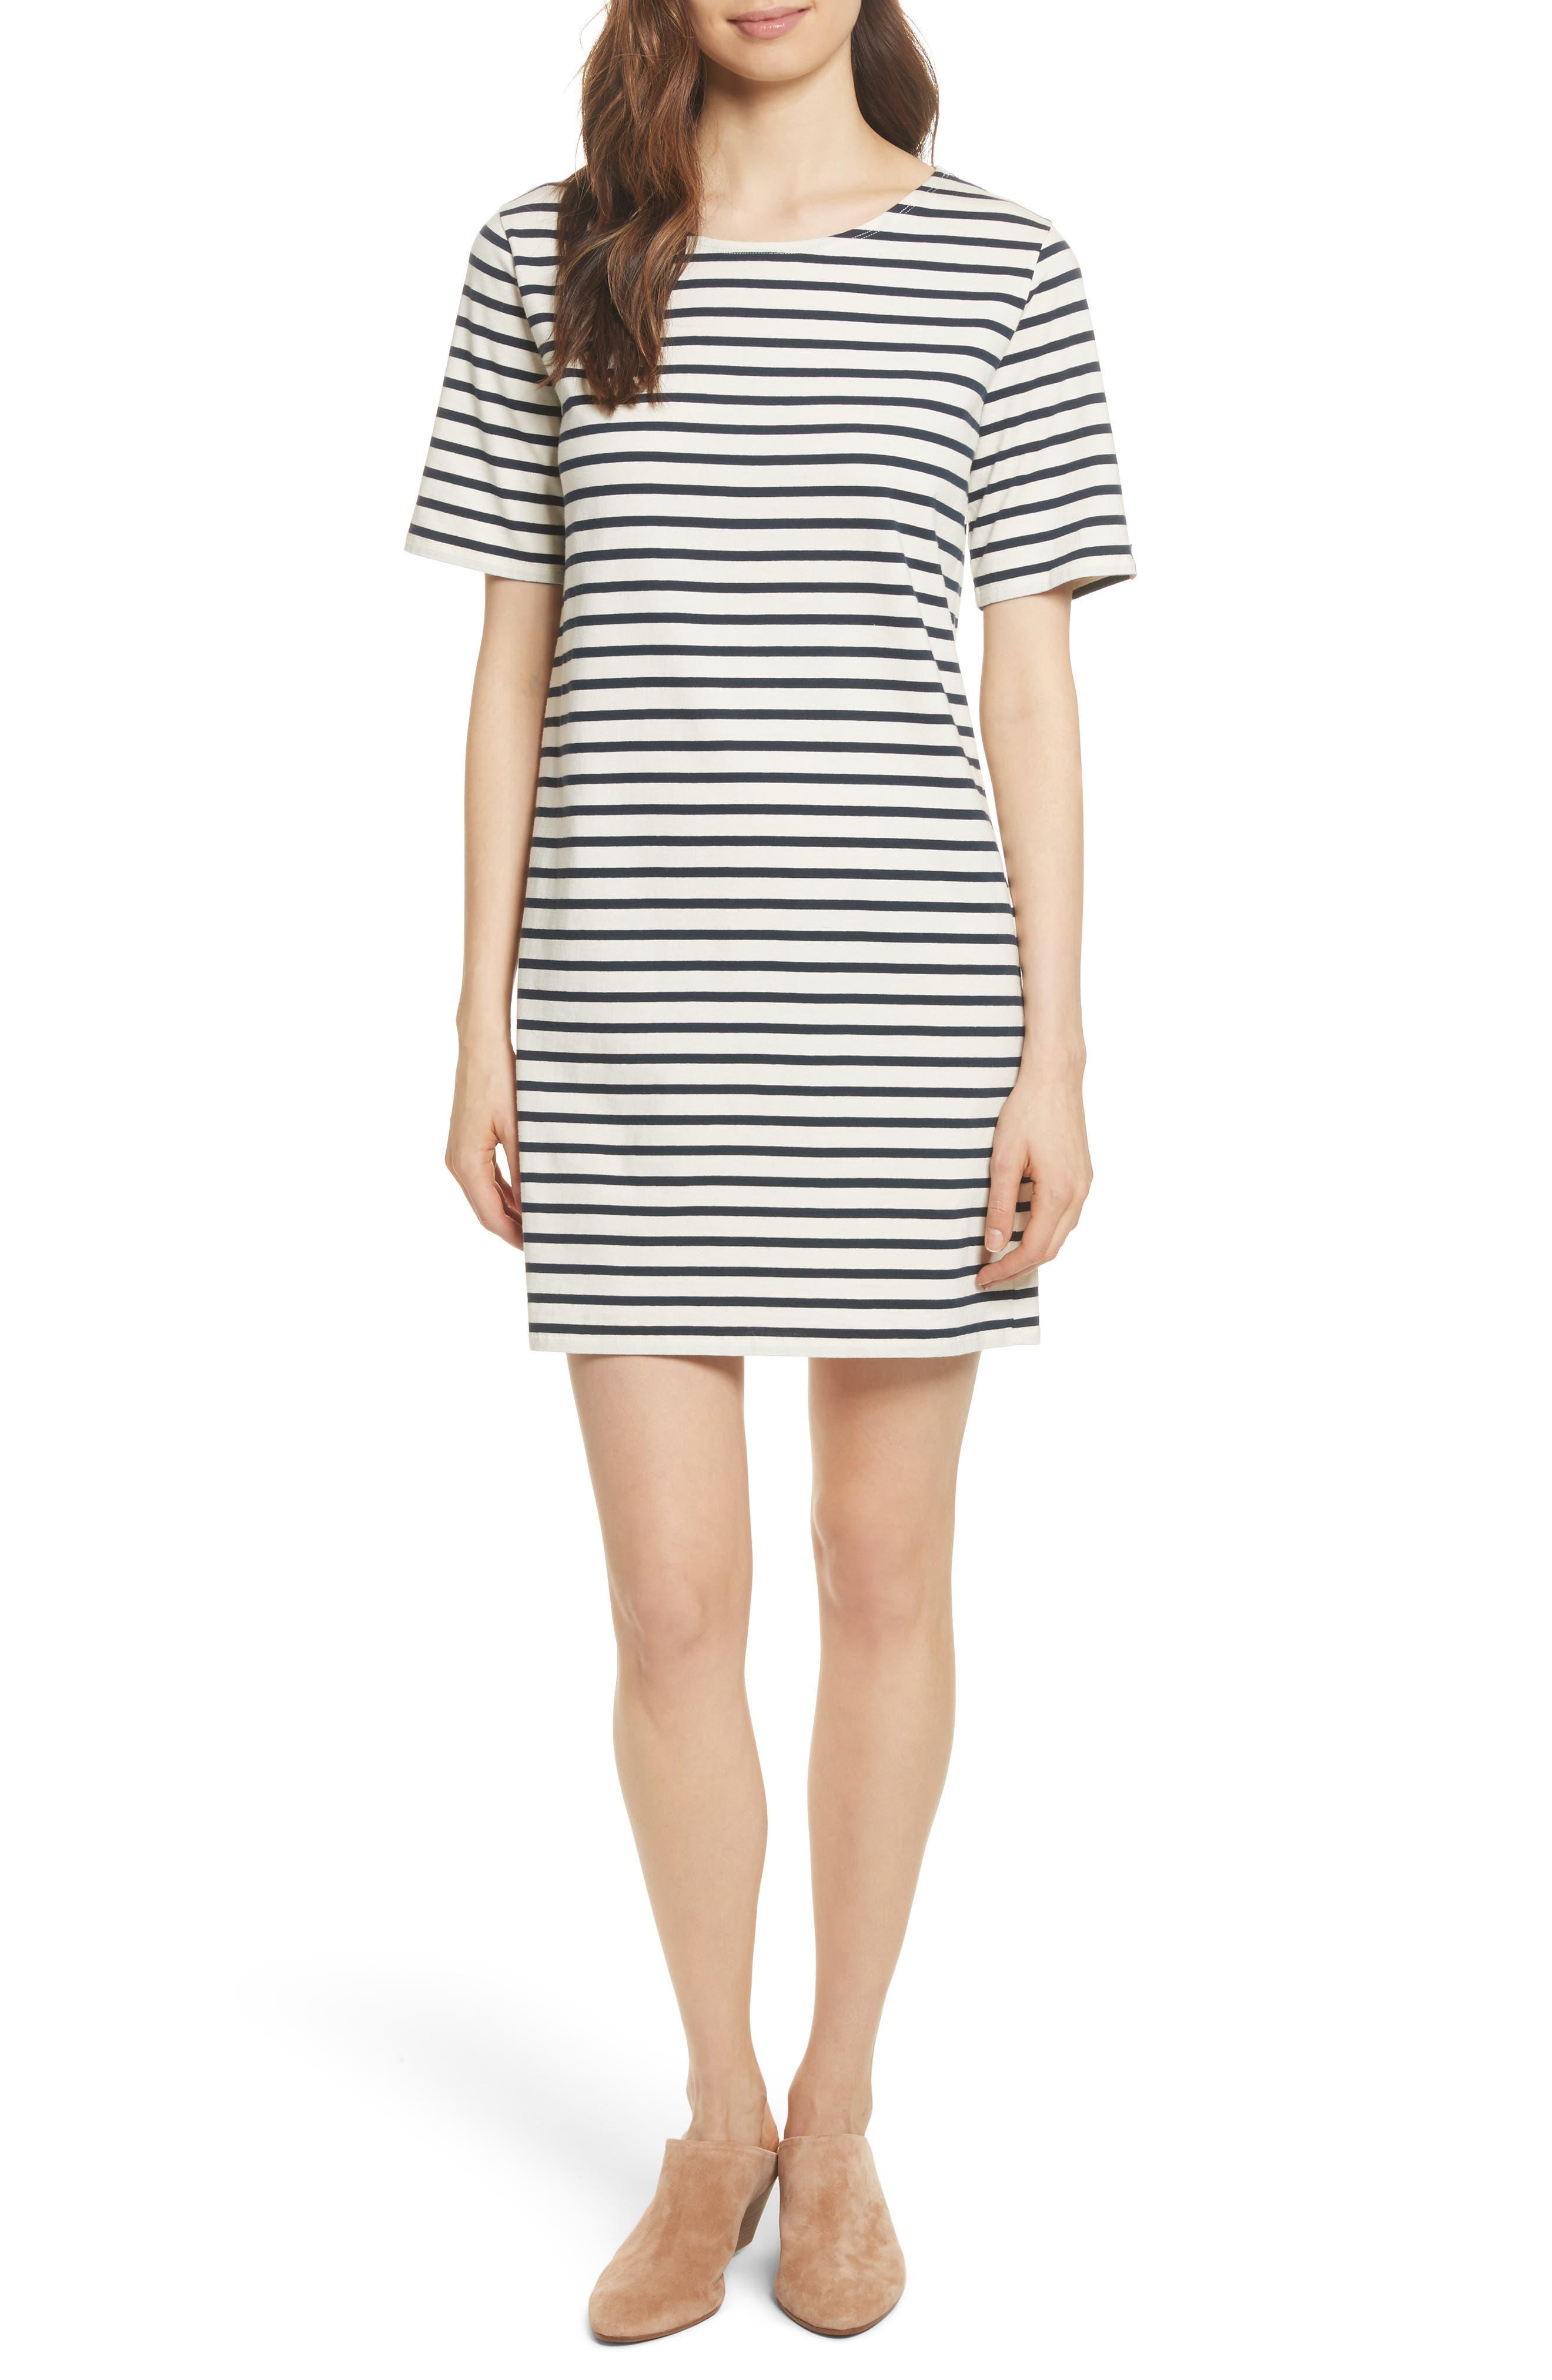 Kule The Tee Stripe Dress